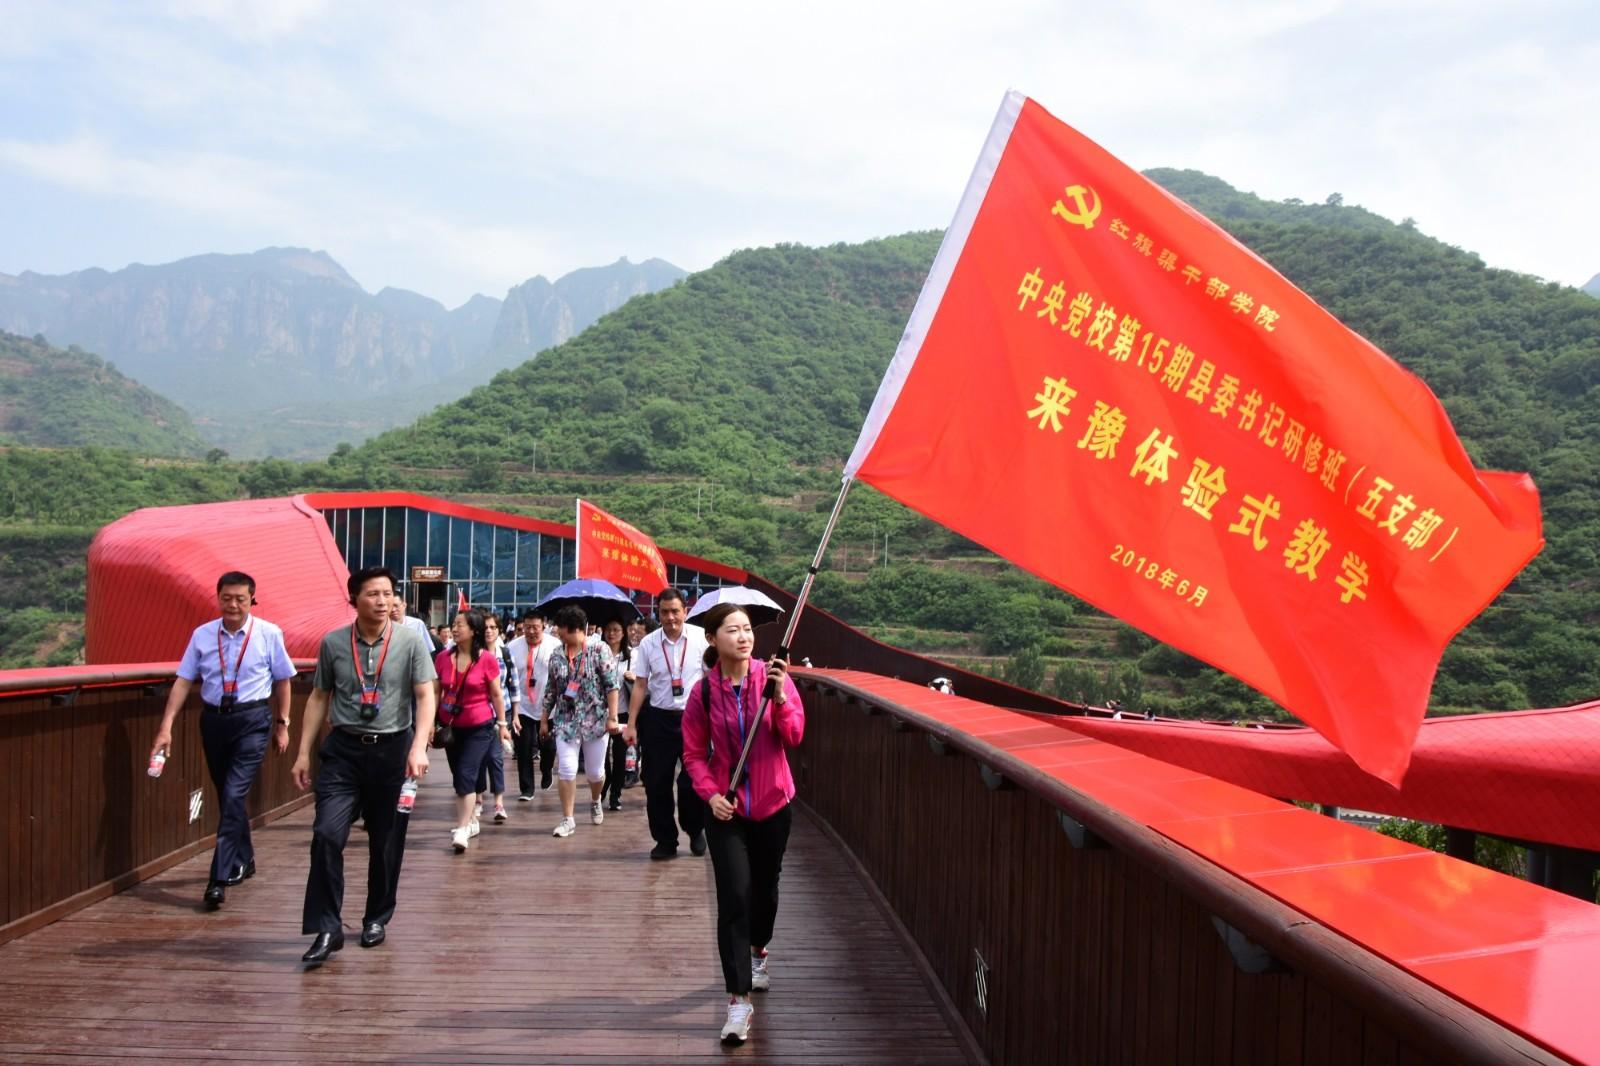 我院谷文昌纪念馆迎来第二批中央党校县委书记研修班